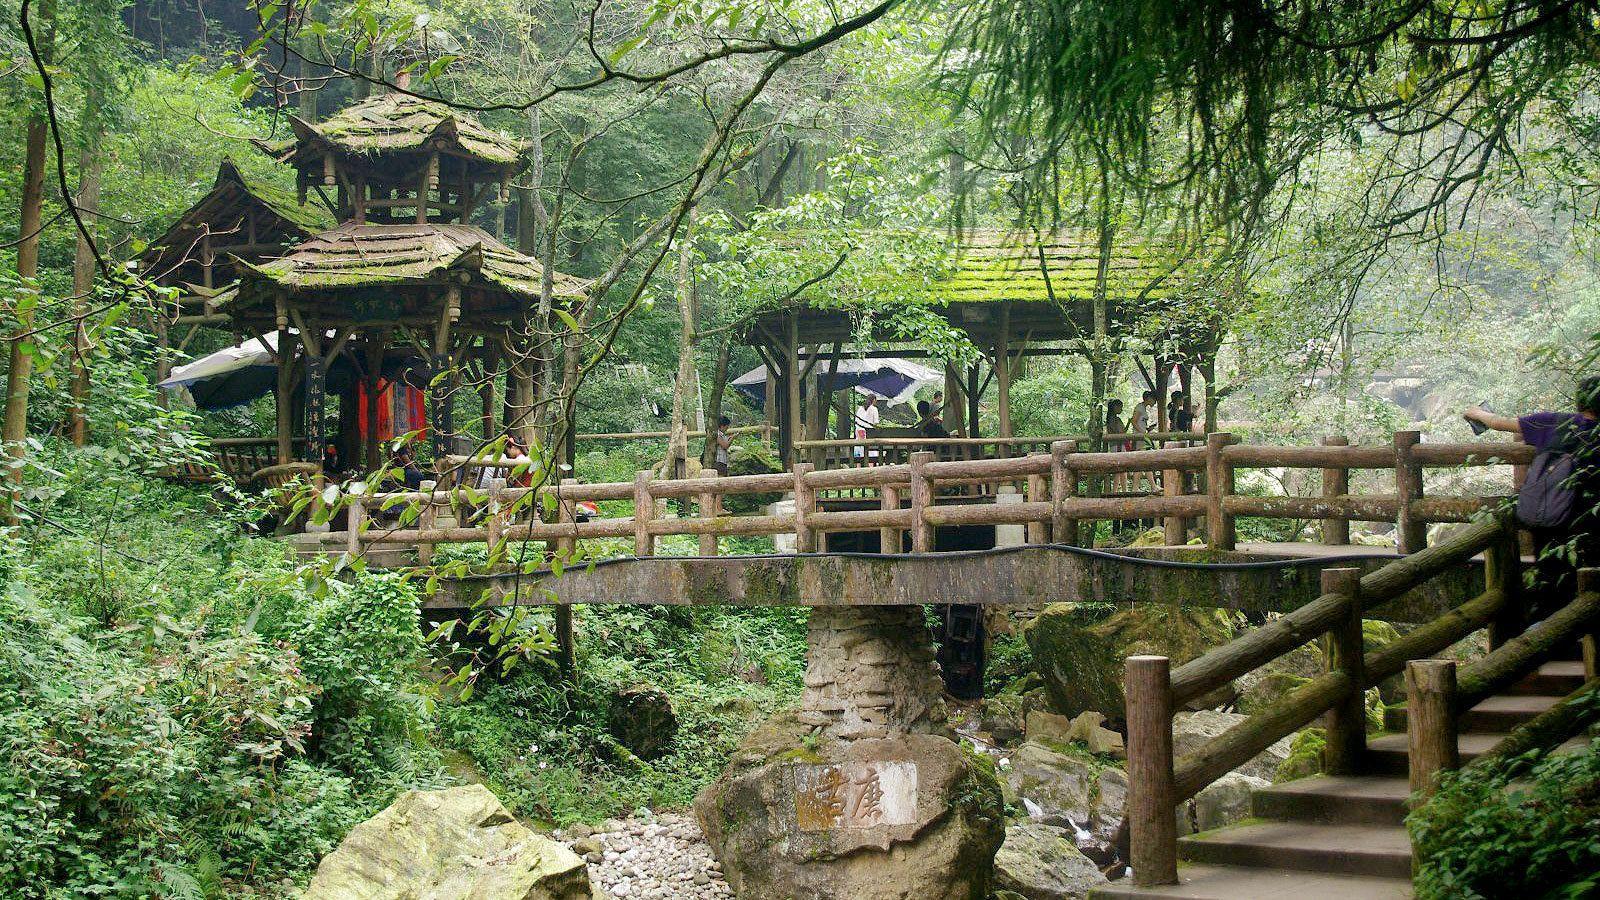 View of Mount Qingcheng in Chengdu, China